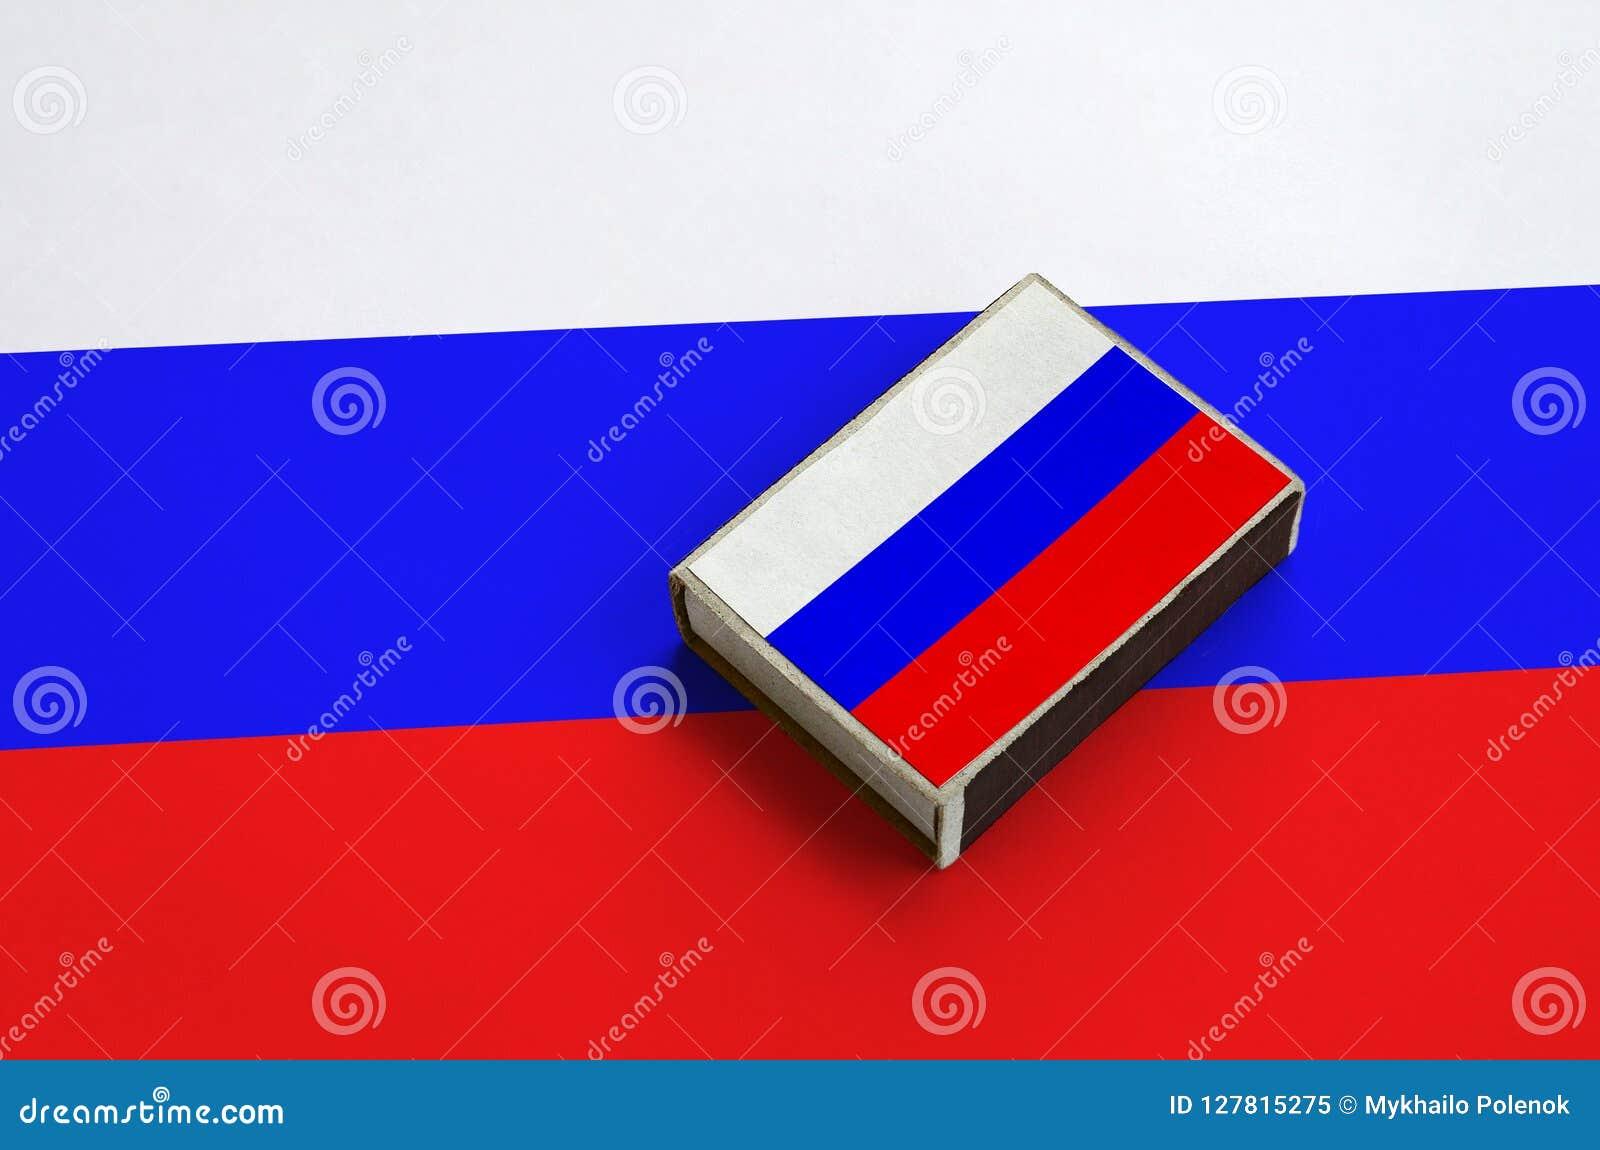 La bandiera della Russia è rappresentata su una scatola di fiammiferi che si trova su una grande bandiera